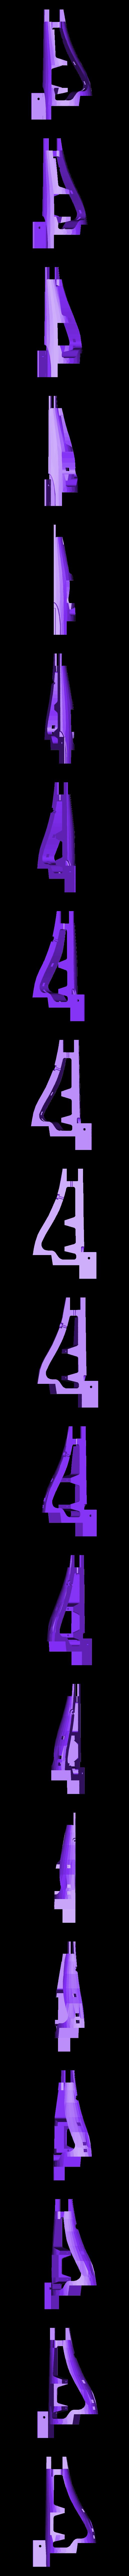 Fuse_main-L_rear.stl Télécharger fichier STL gratuit Planeur modulaire RC Sailplane entièrement imprimé en 3D. • Objet à imprimer en 3D, Georgemacghay